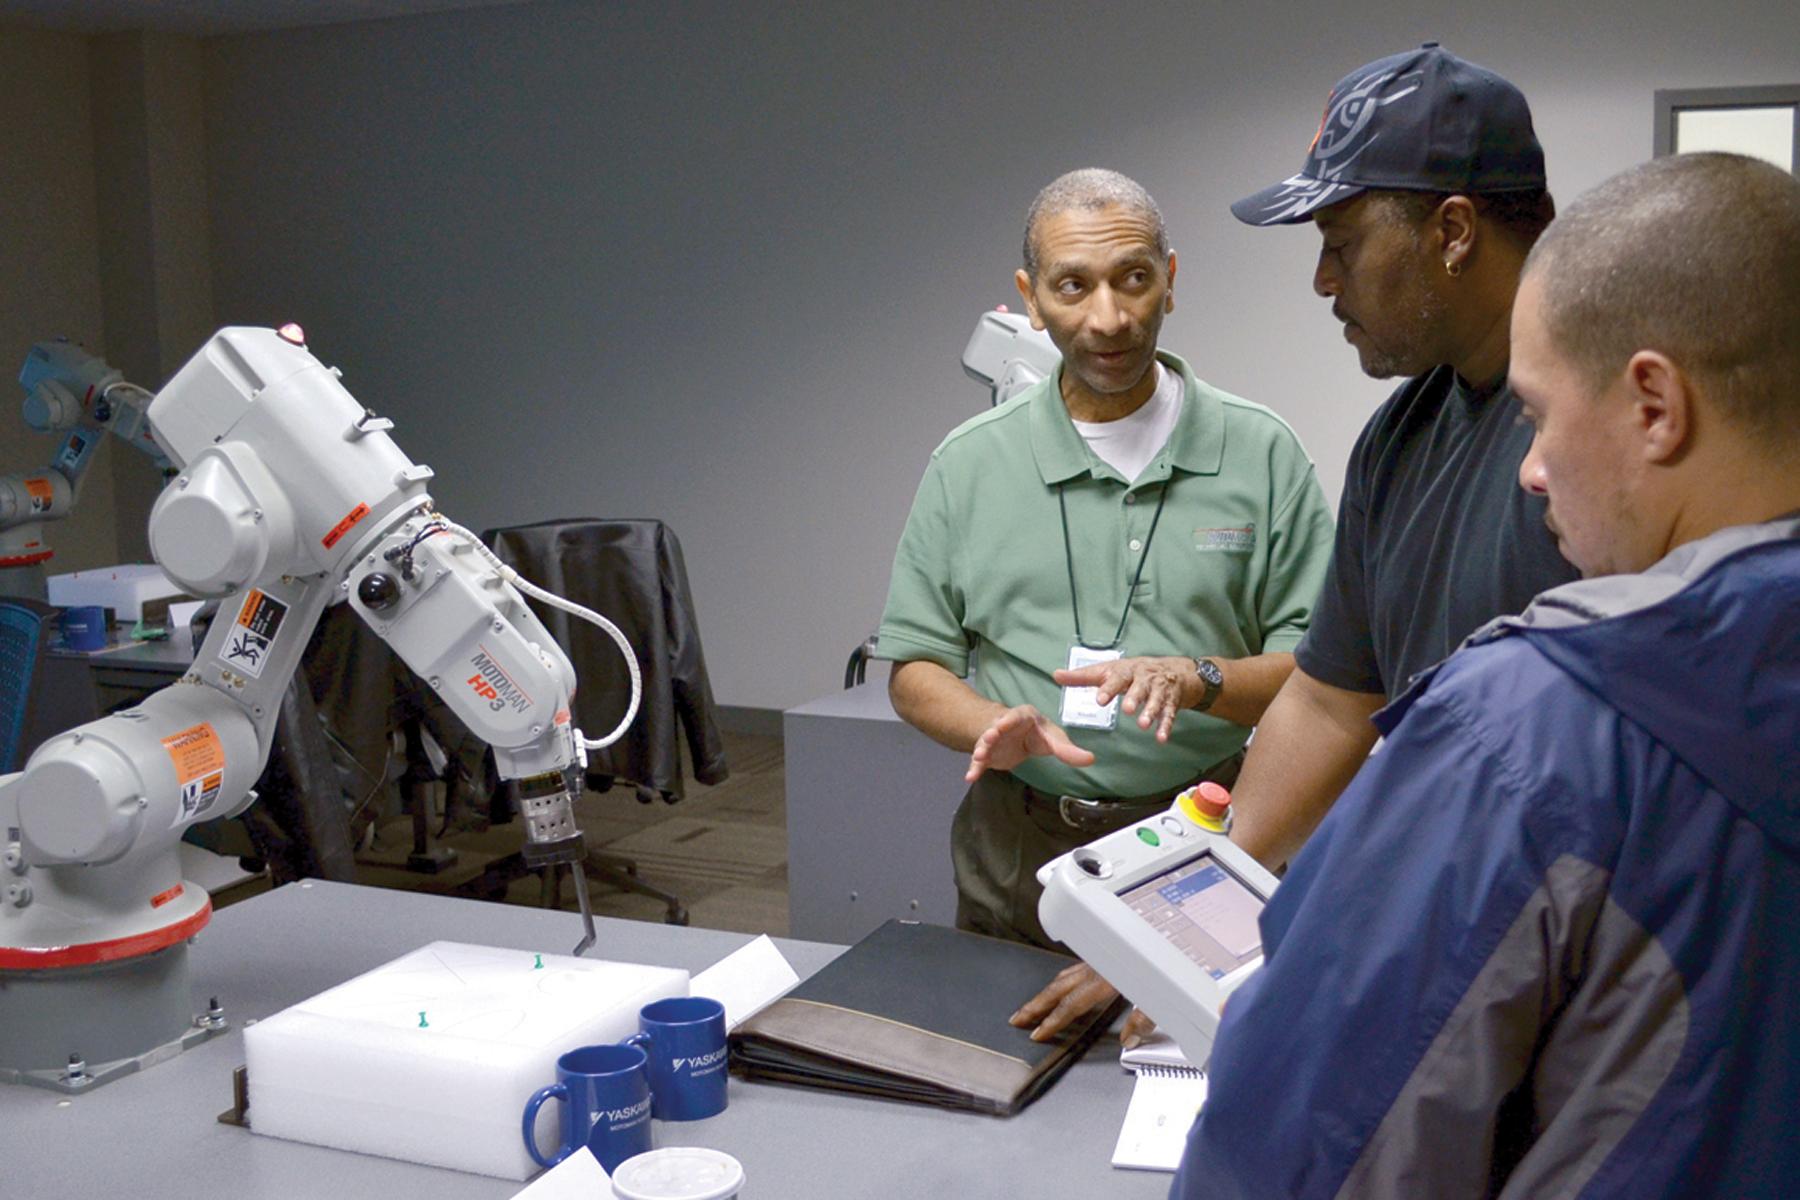 robotics news yaskawa motoman merit pro rh robotics org Motoman Part Numbers Motoman Part Numbers